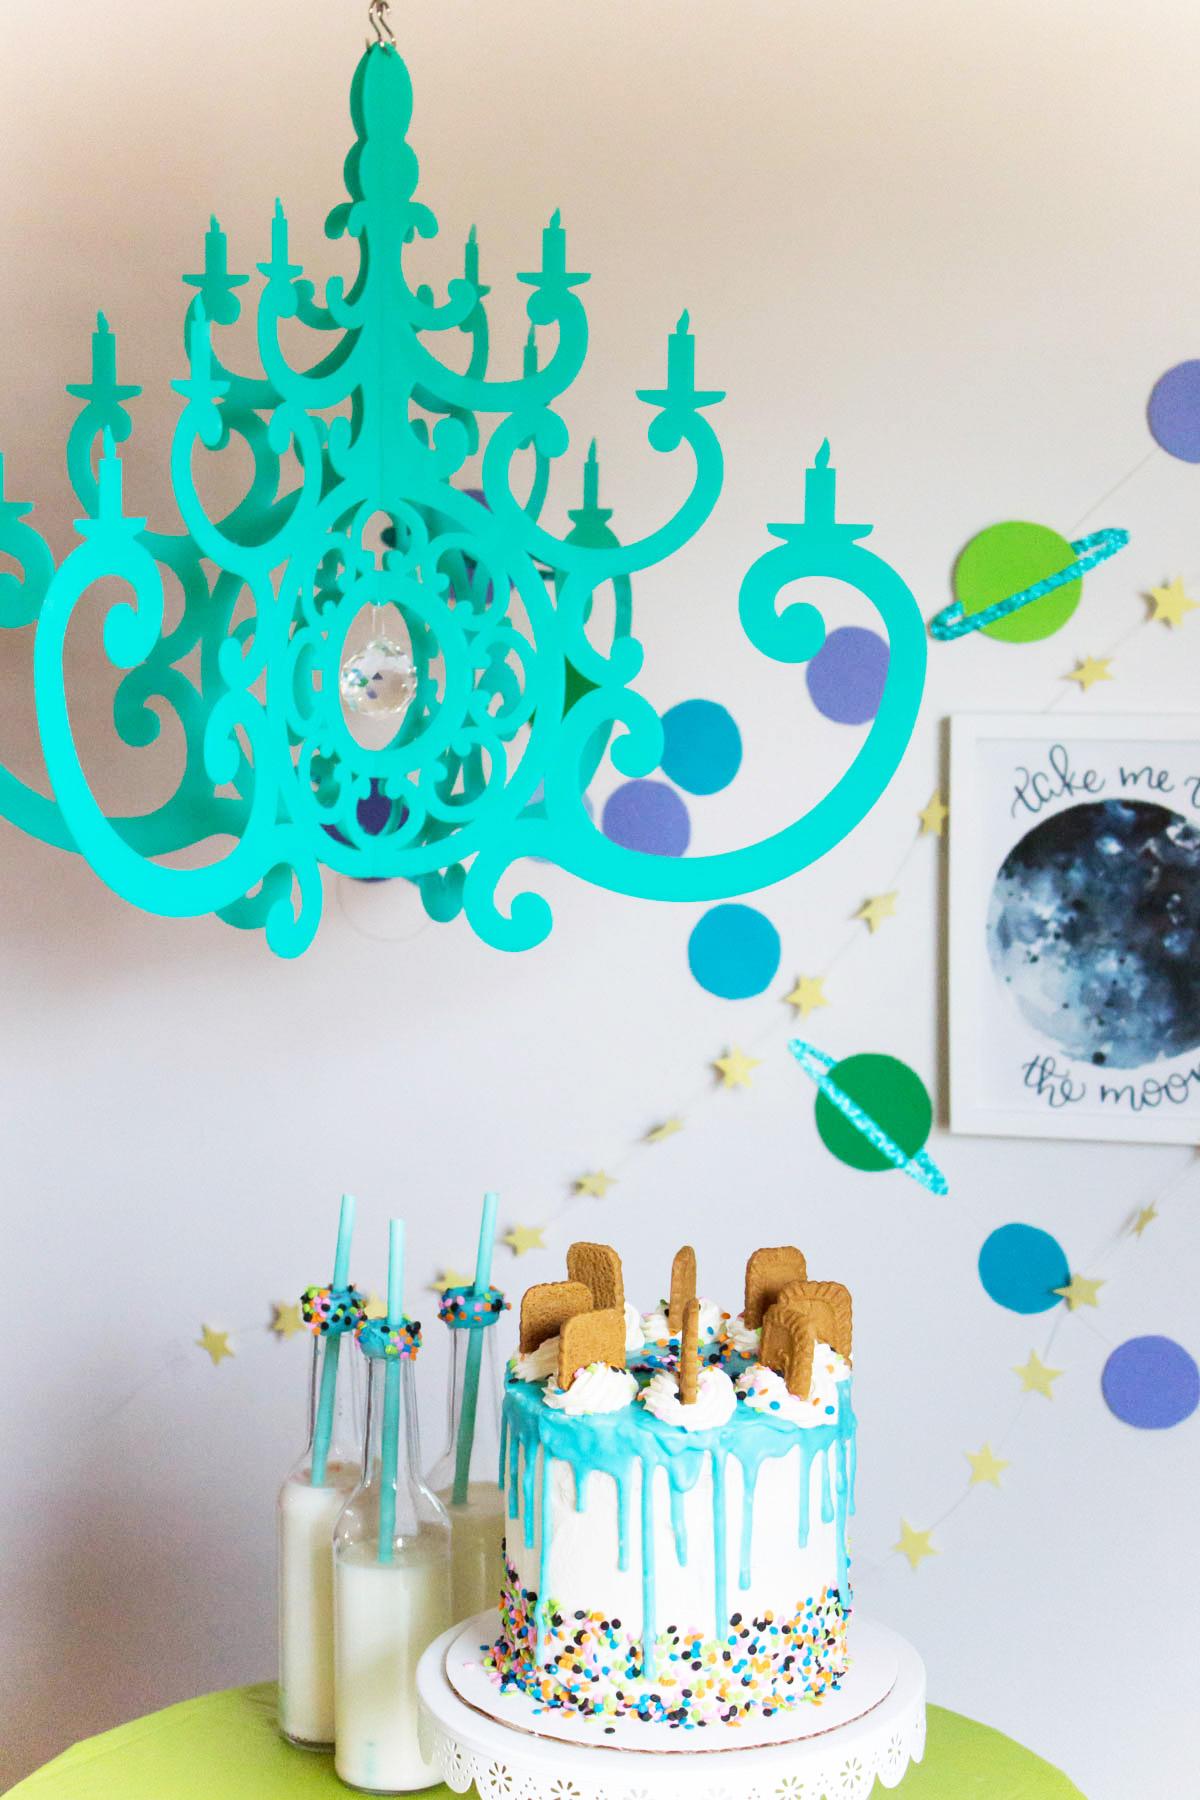 chandeliershoot-5807.jpg